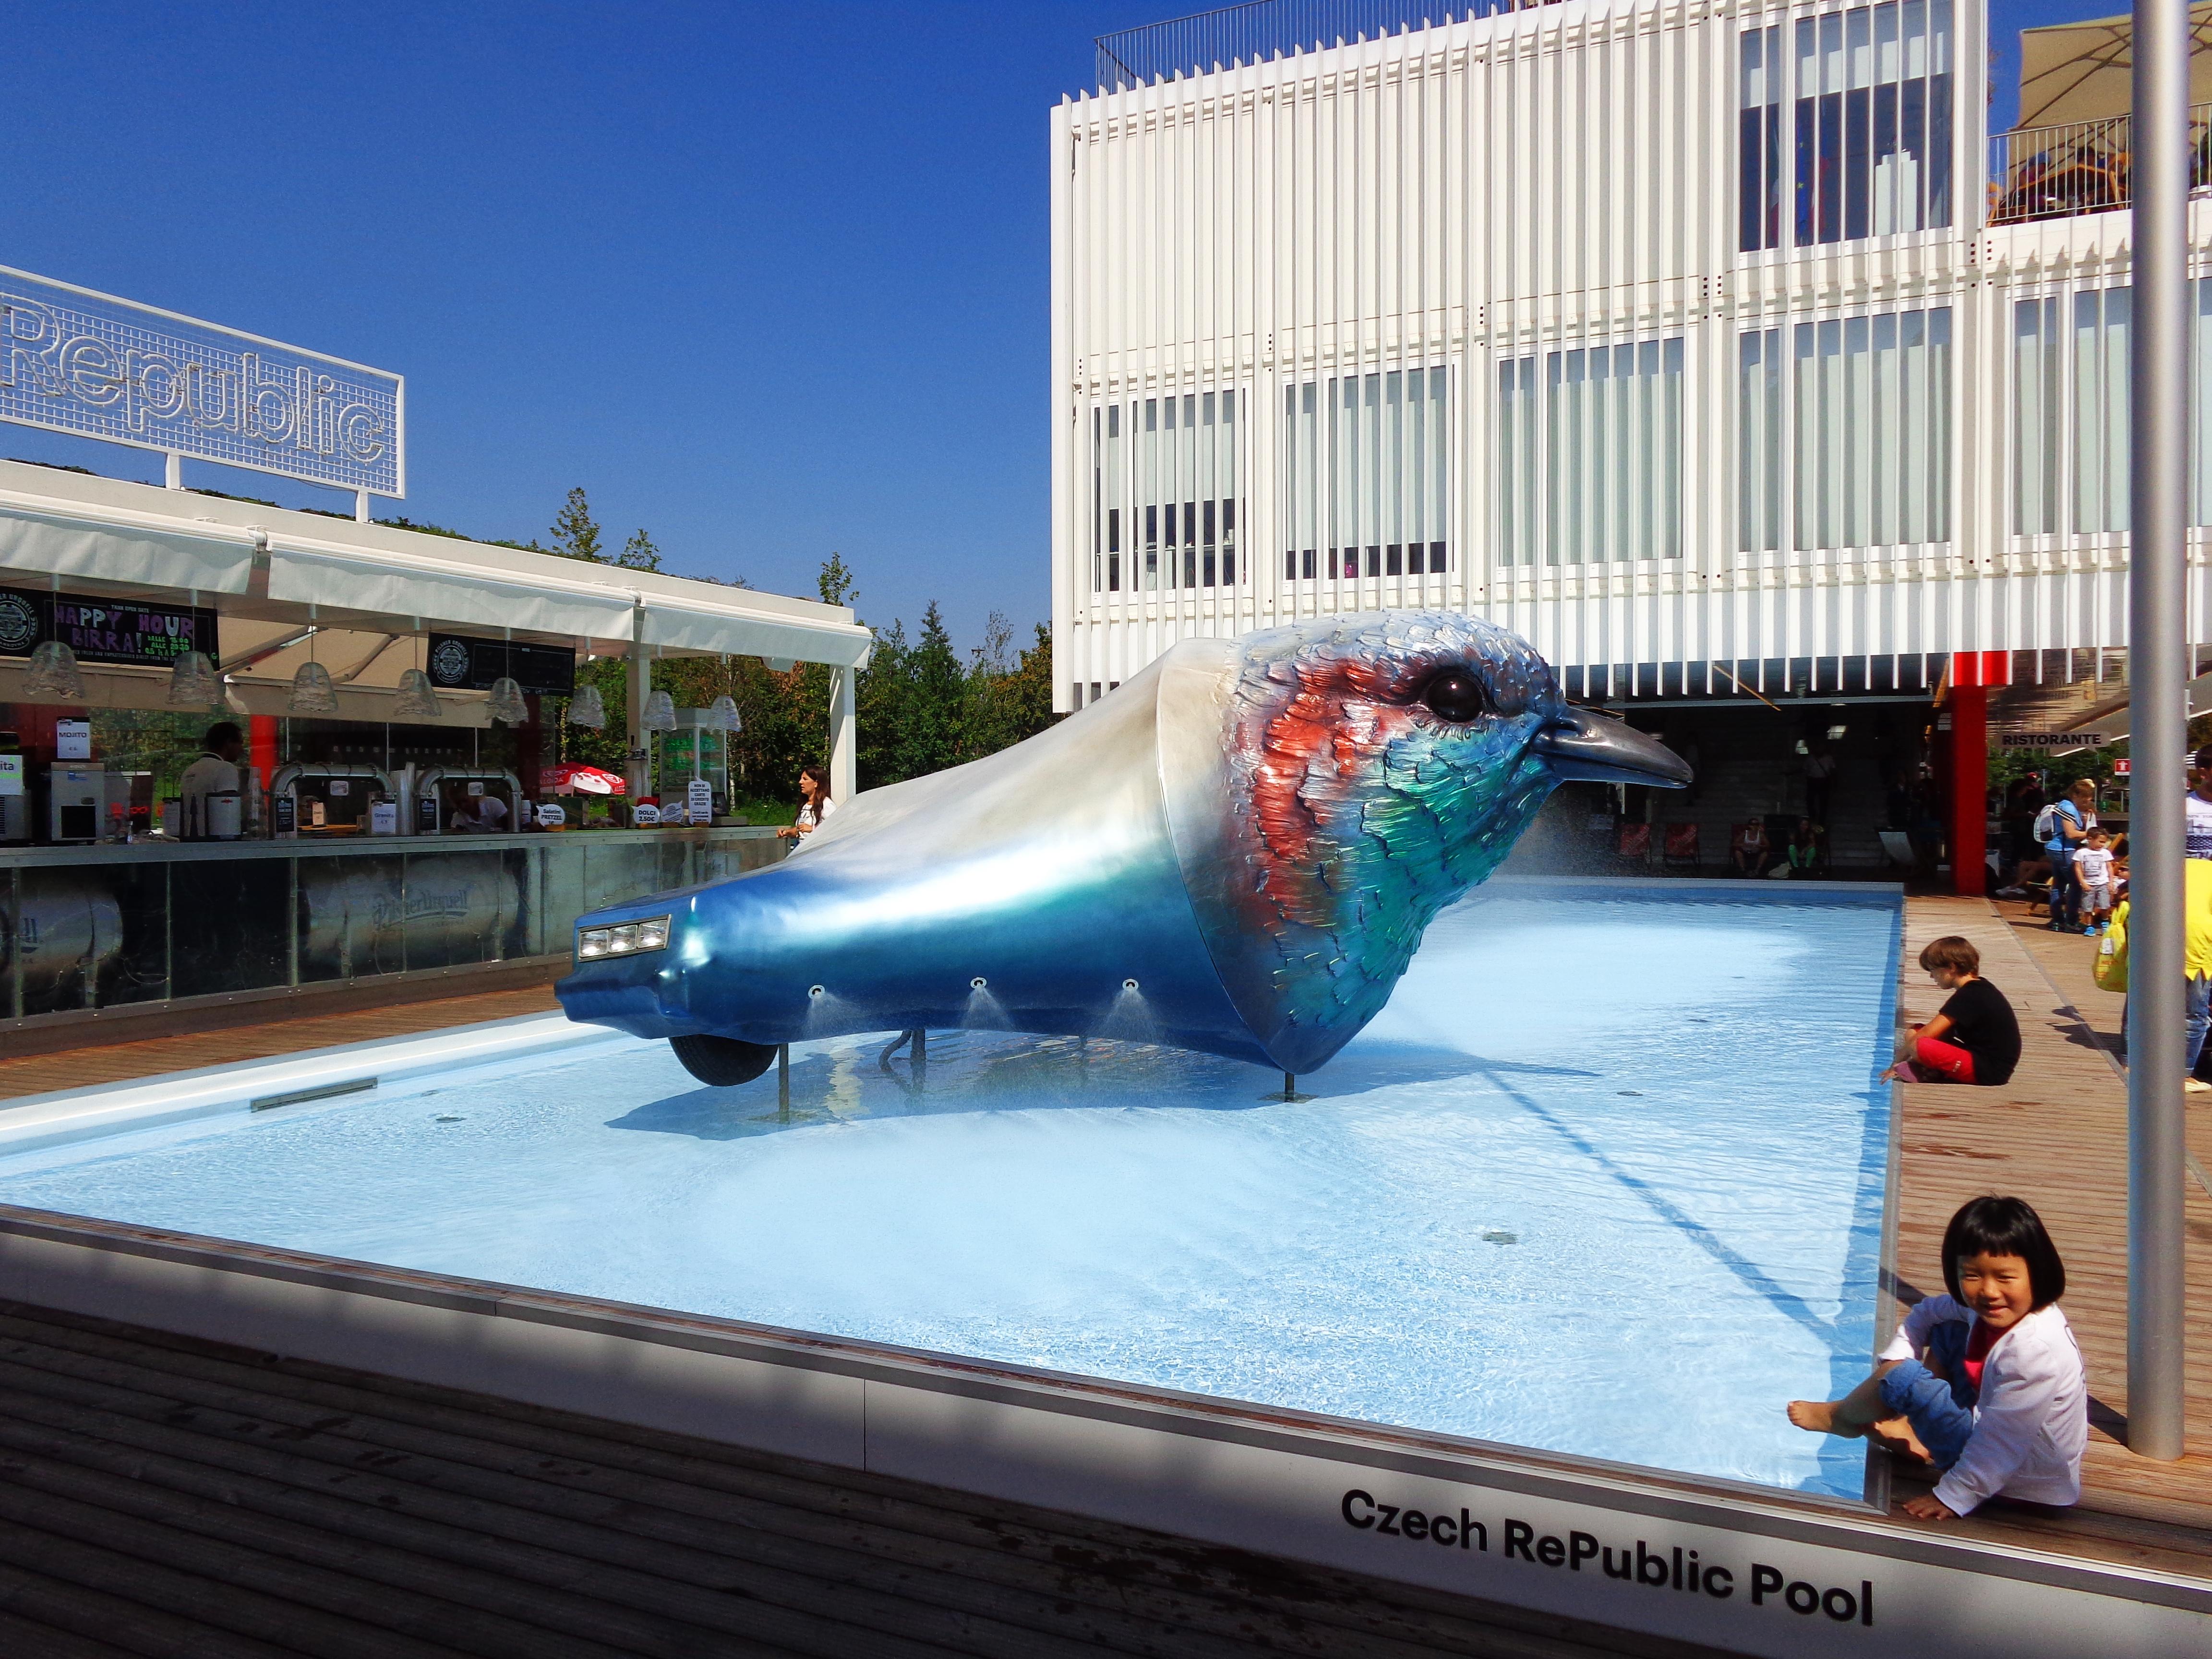 Hojni Czesi szarpnęli się na publiczny basen (Public Pool), z którego od razu skorzystała mała Azjatka. Nic dziwnego – nasi południowi sąsiedzi są w sumie znani z geotermalnych źródeł oraz licznych basenów, zbudowanych w słynnych kurortach (Mariańskie Łaźnie, Karlowe Wary) jeszcze na początku ubiegłego wieku.